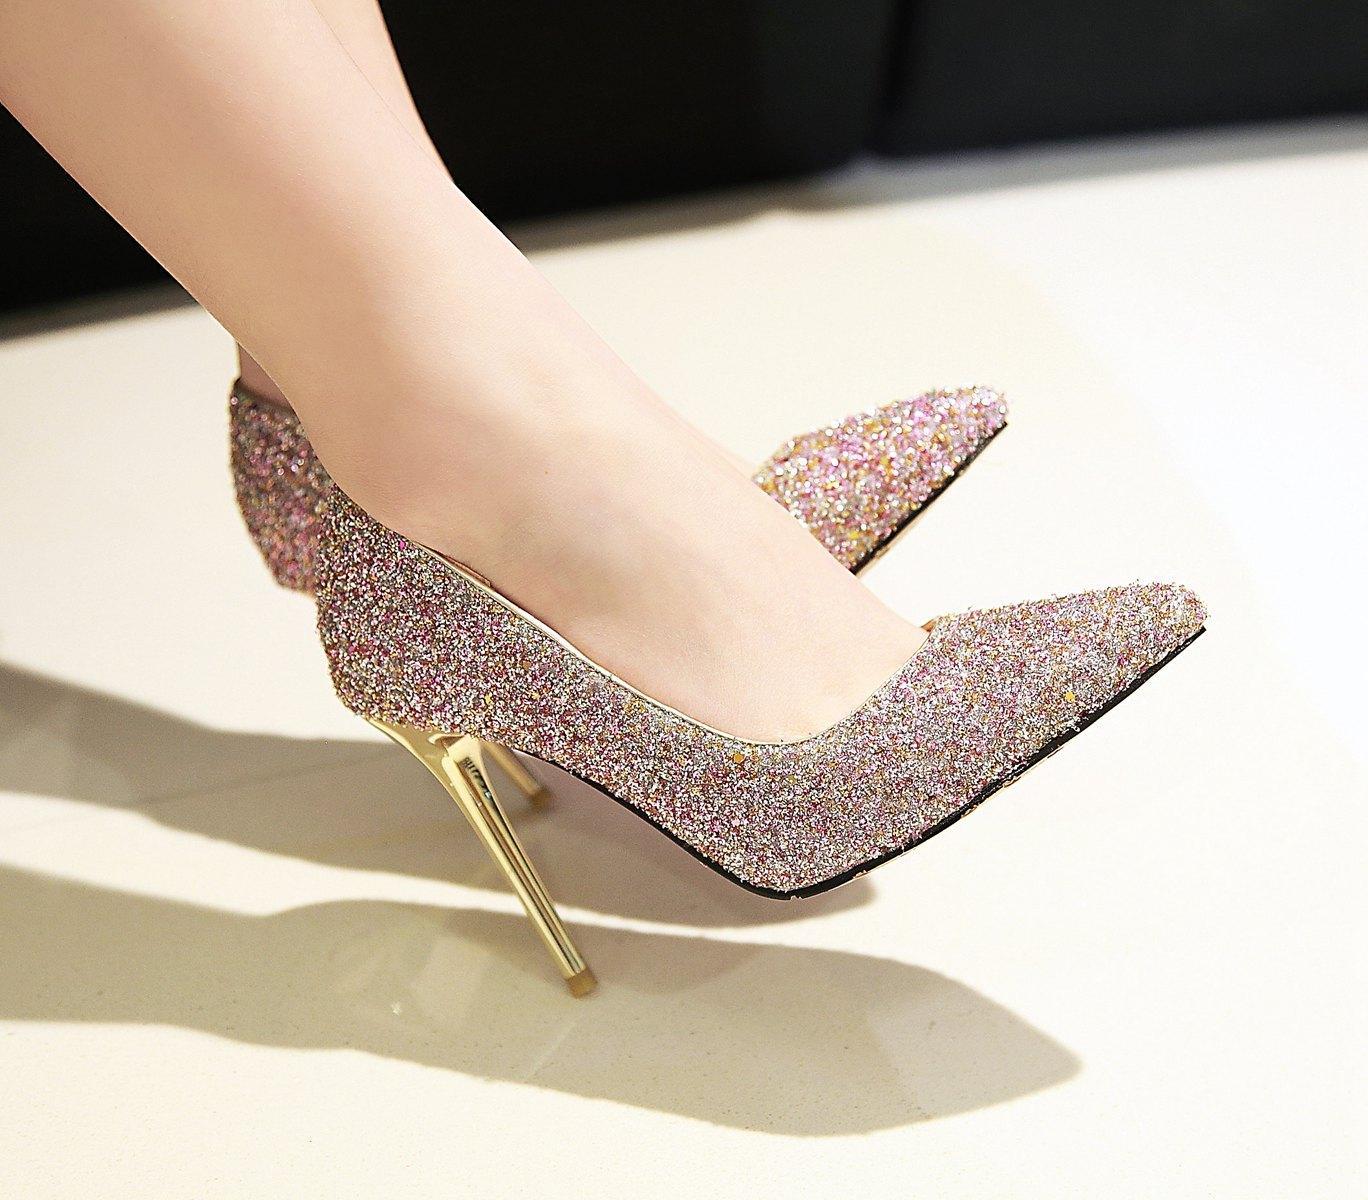 Sıcak Satış-Yeni Seksi Stiletto Topuk Sequins Kumaş Glitter Sivri Burun Kadınlar Kadınlar için 100mm Moda Yüksek Topuklu Ayakkabı Pompalar Ofis Elbise Ayakkabı